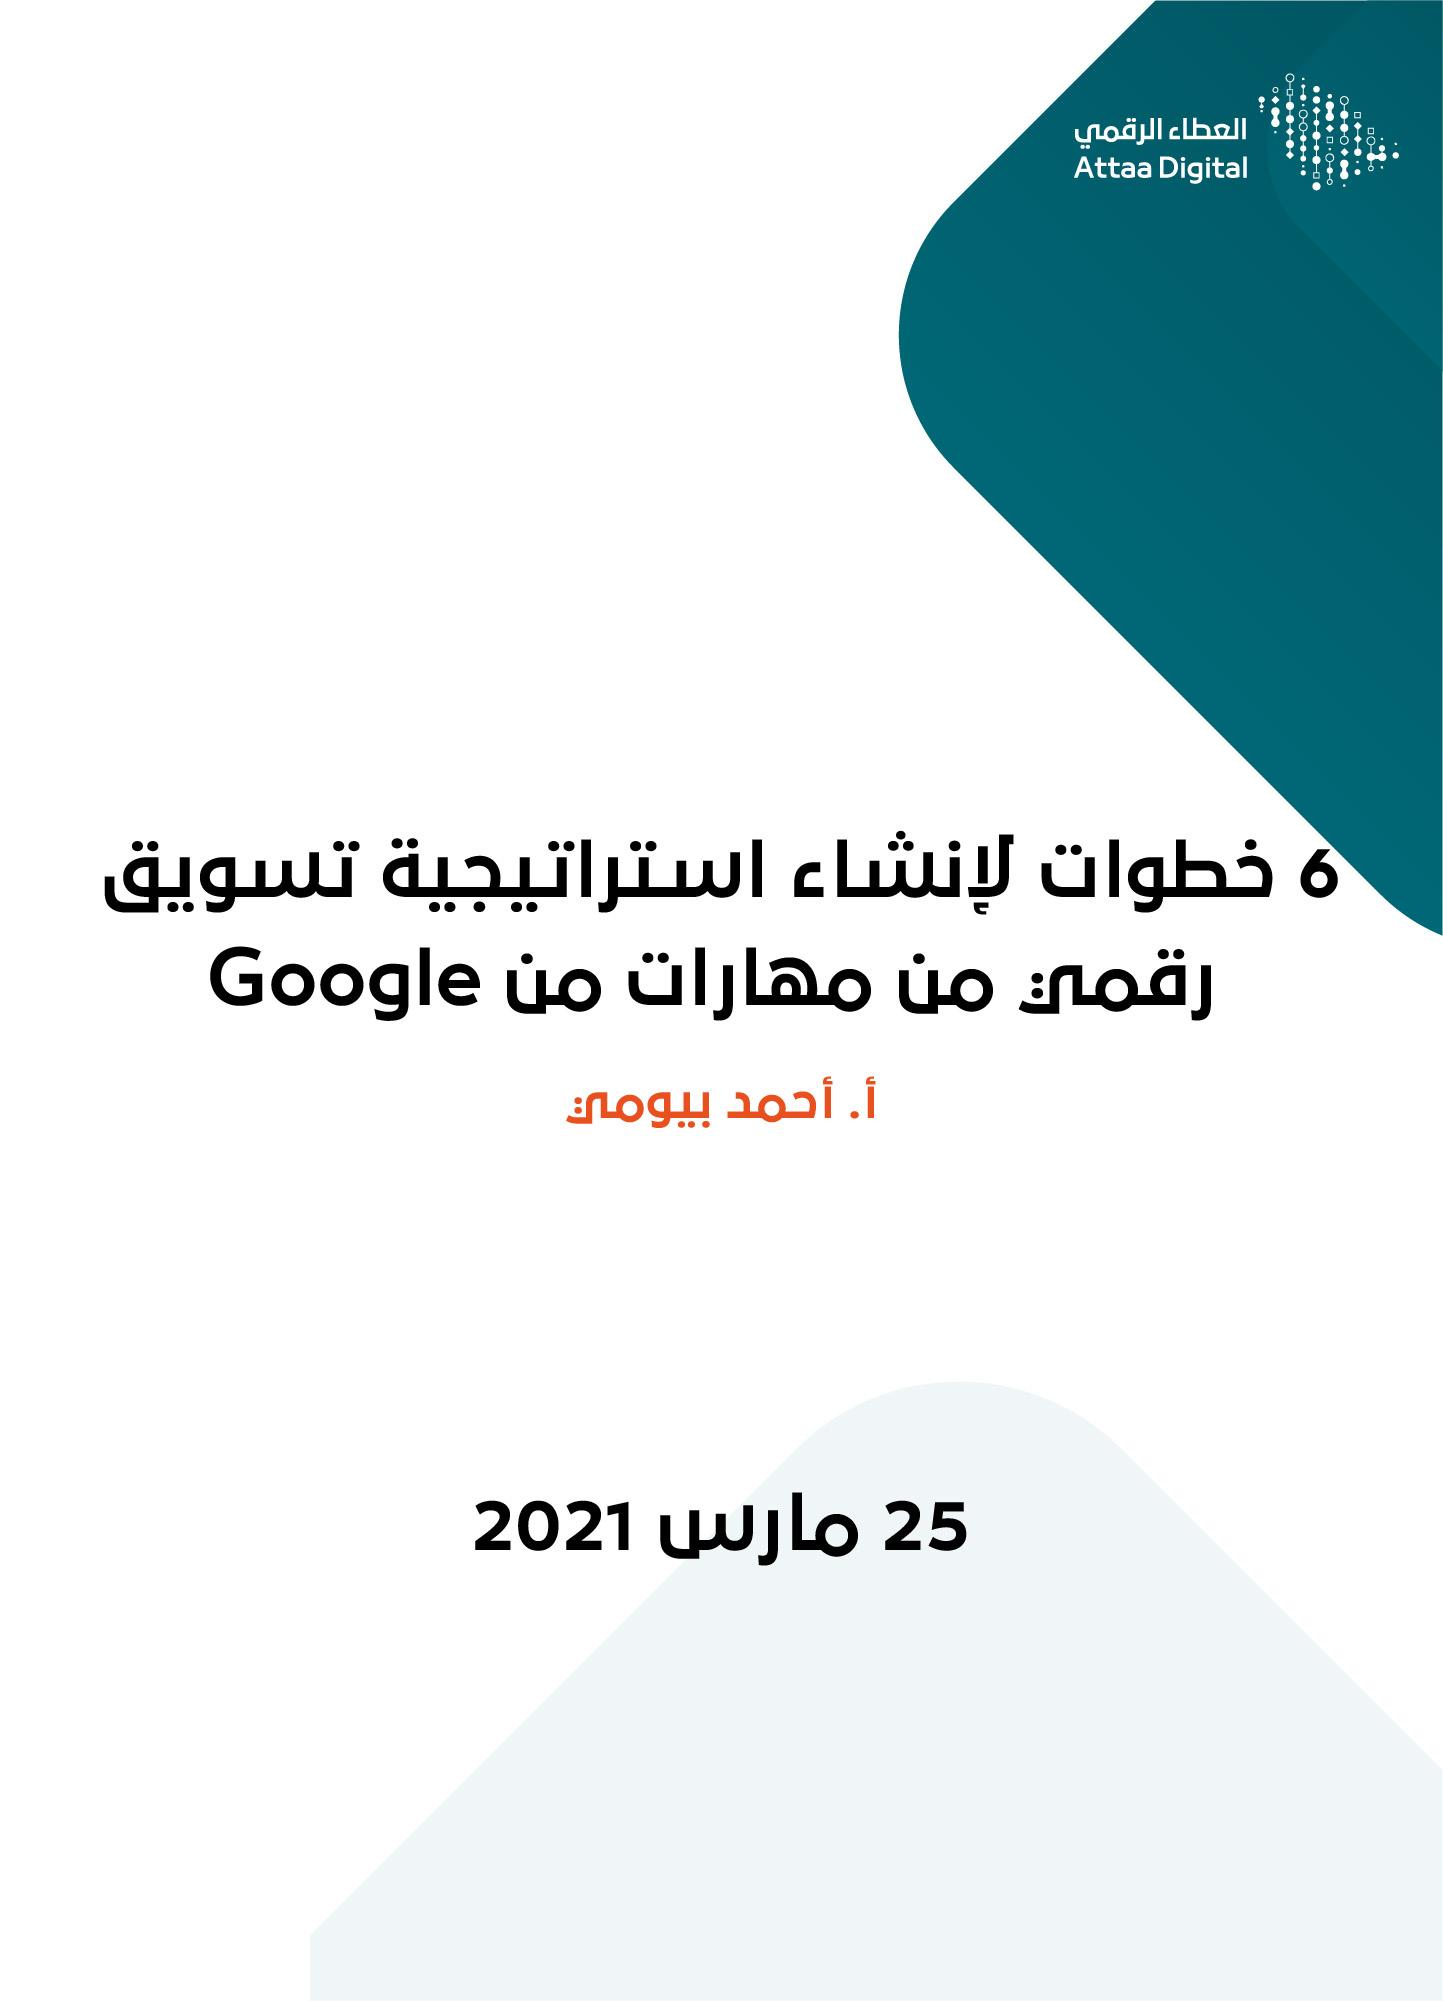 6 خطوات لإنشاء استراتيجية تسويق رقمي من مهارات من Google